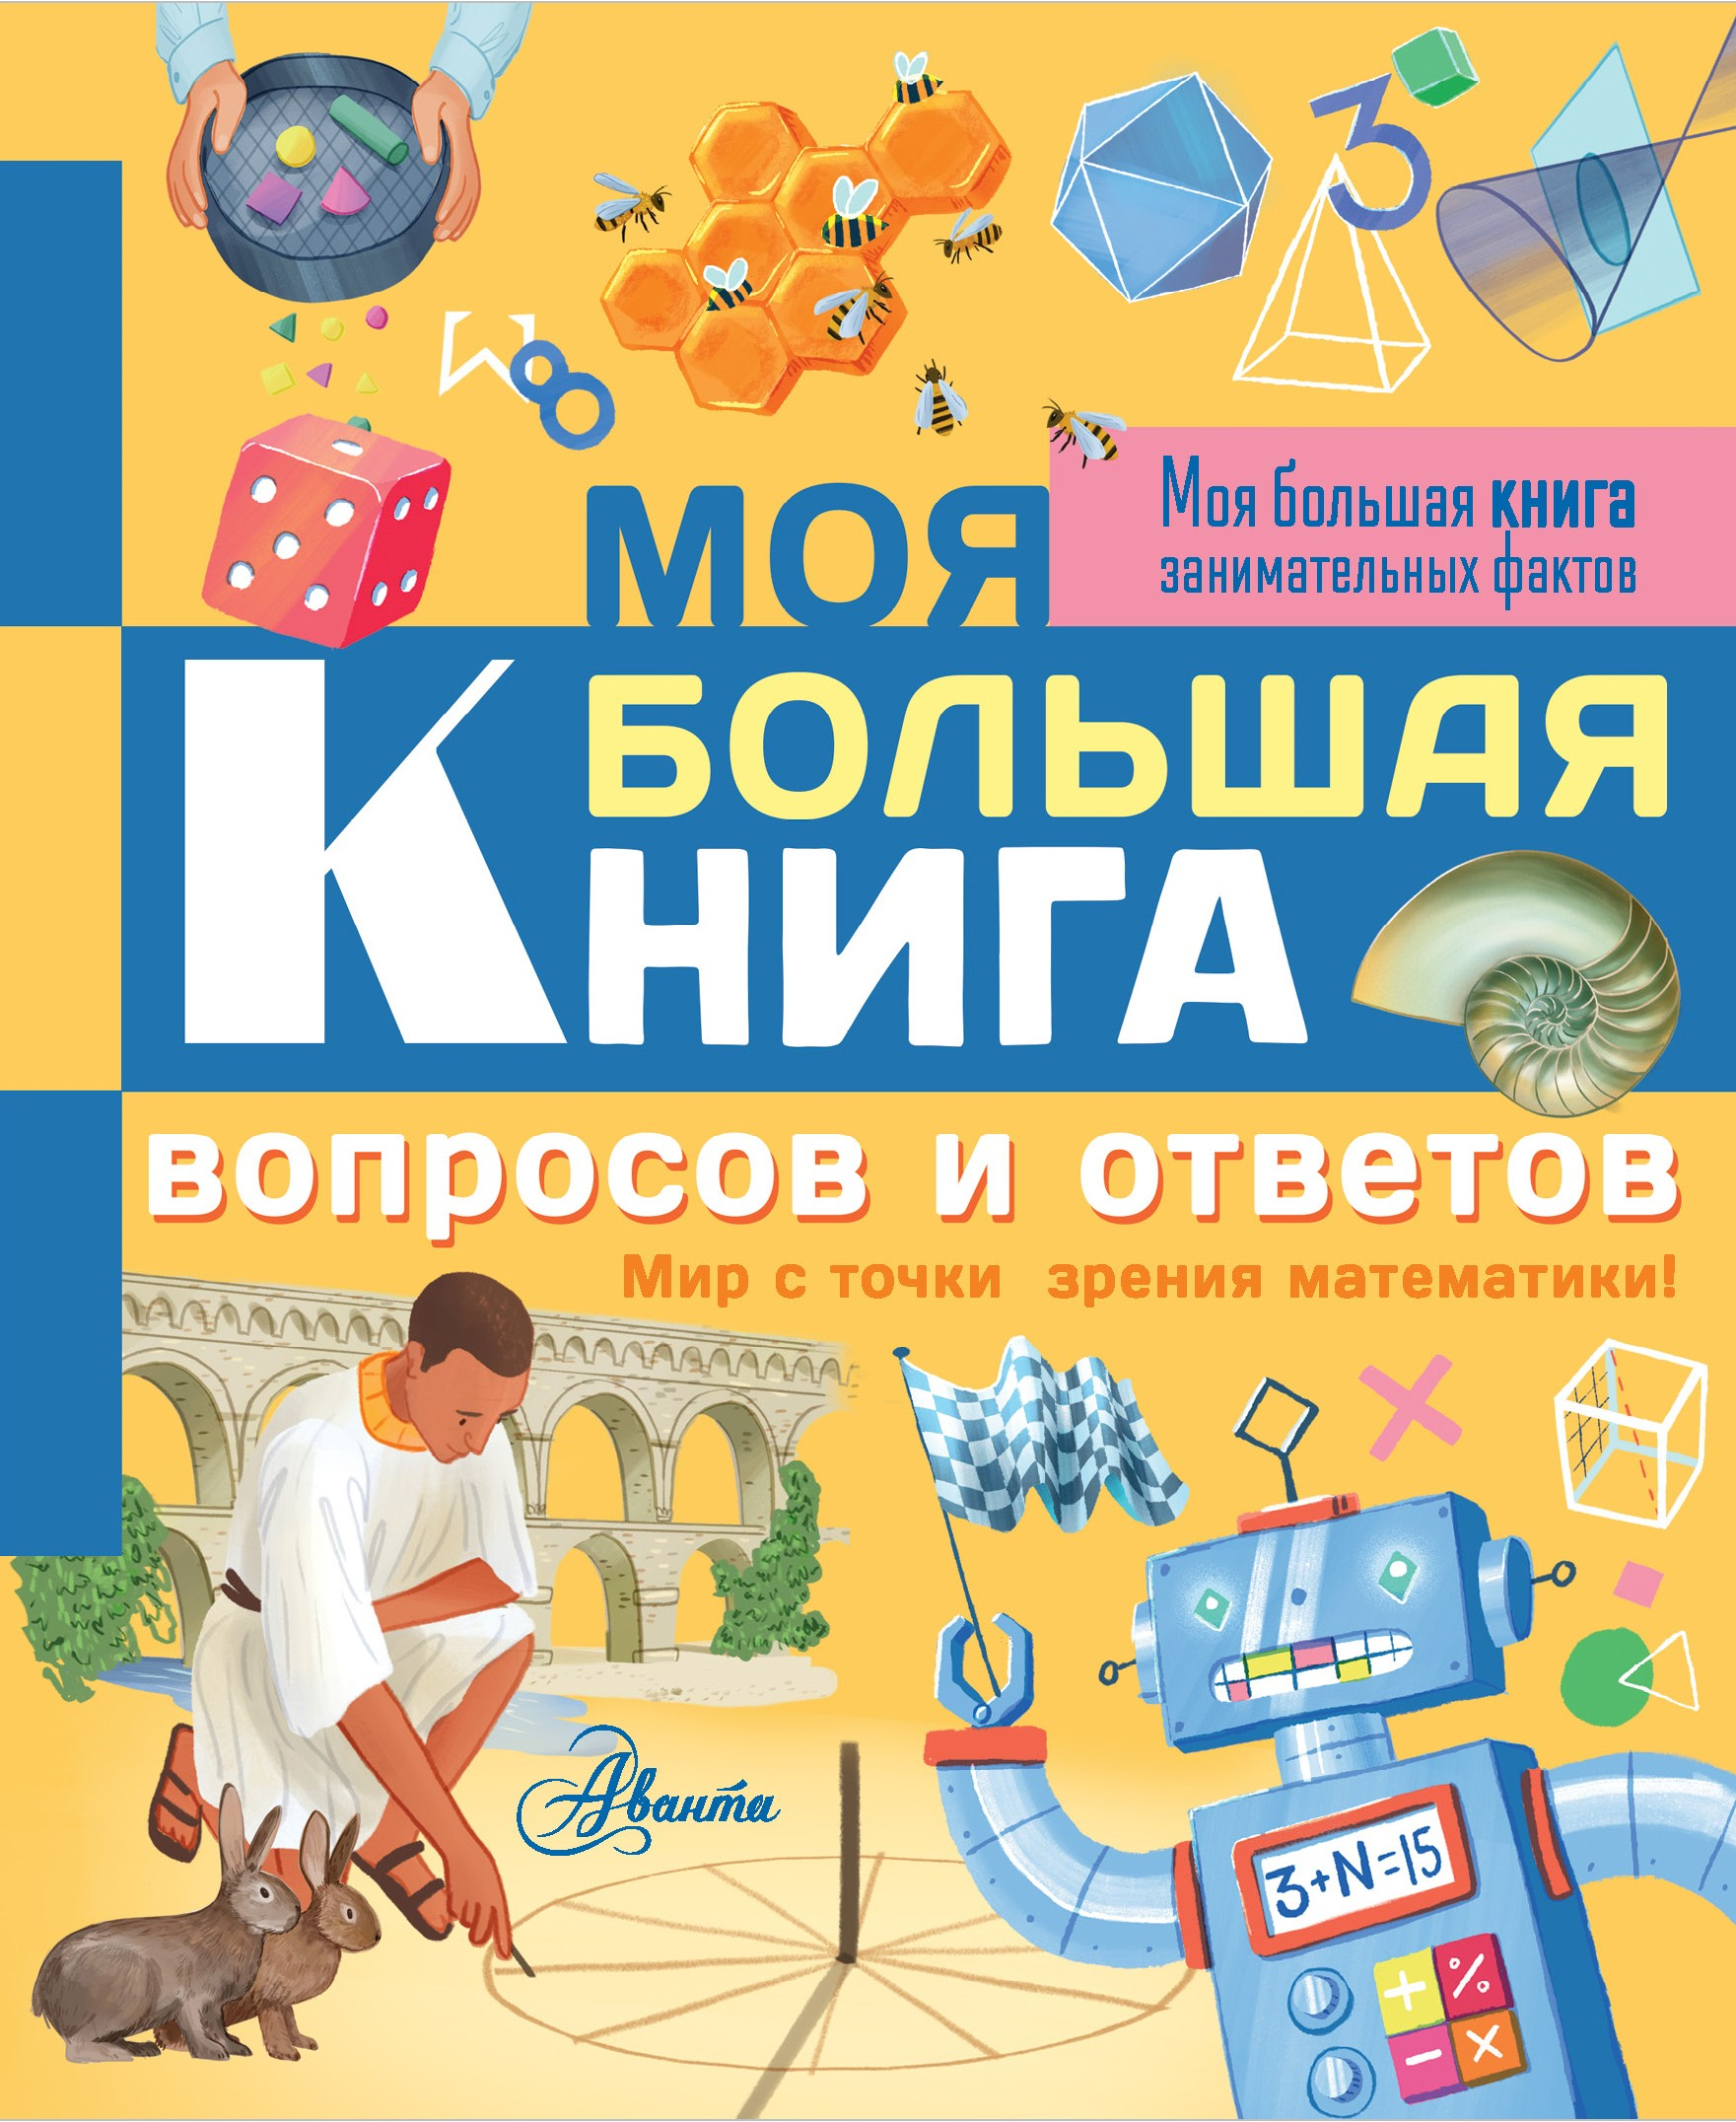 Лиза Риган Моя большая книга вопросов и ответов. Мир с точки зрения математики! марина почкина большая книга вопросов и ответов где